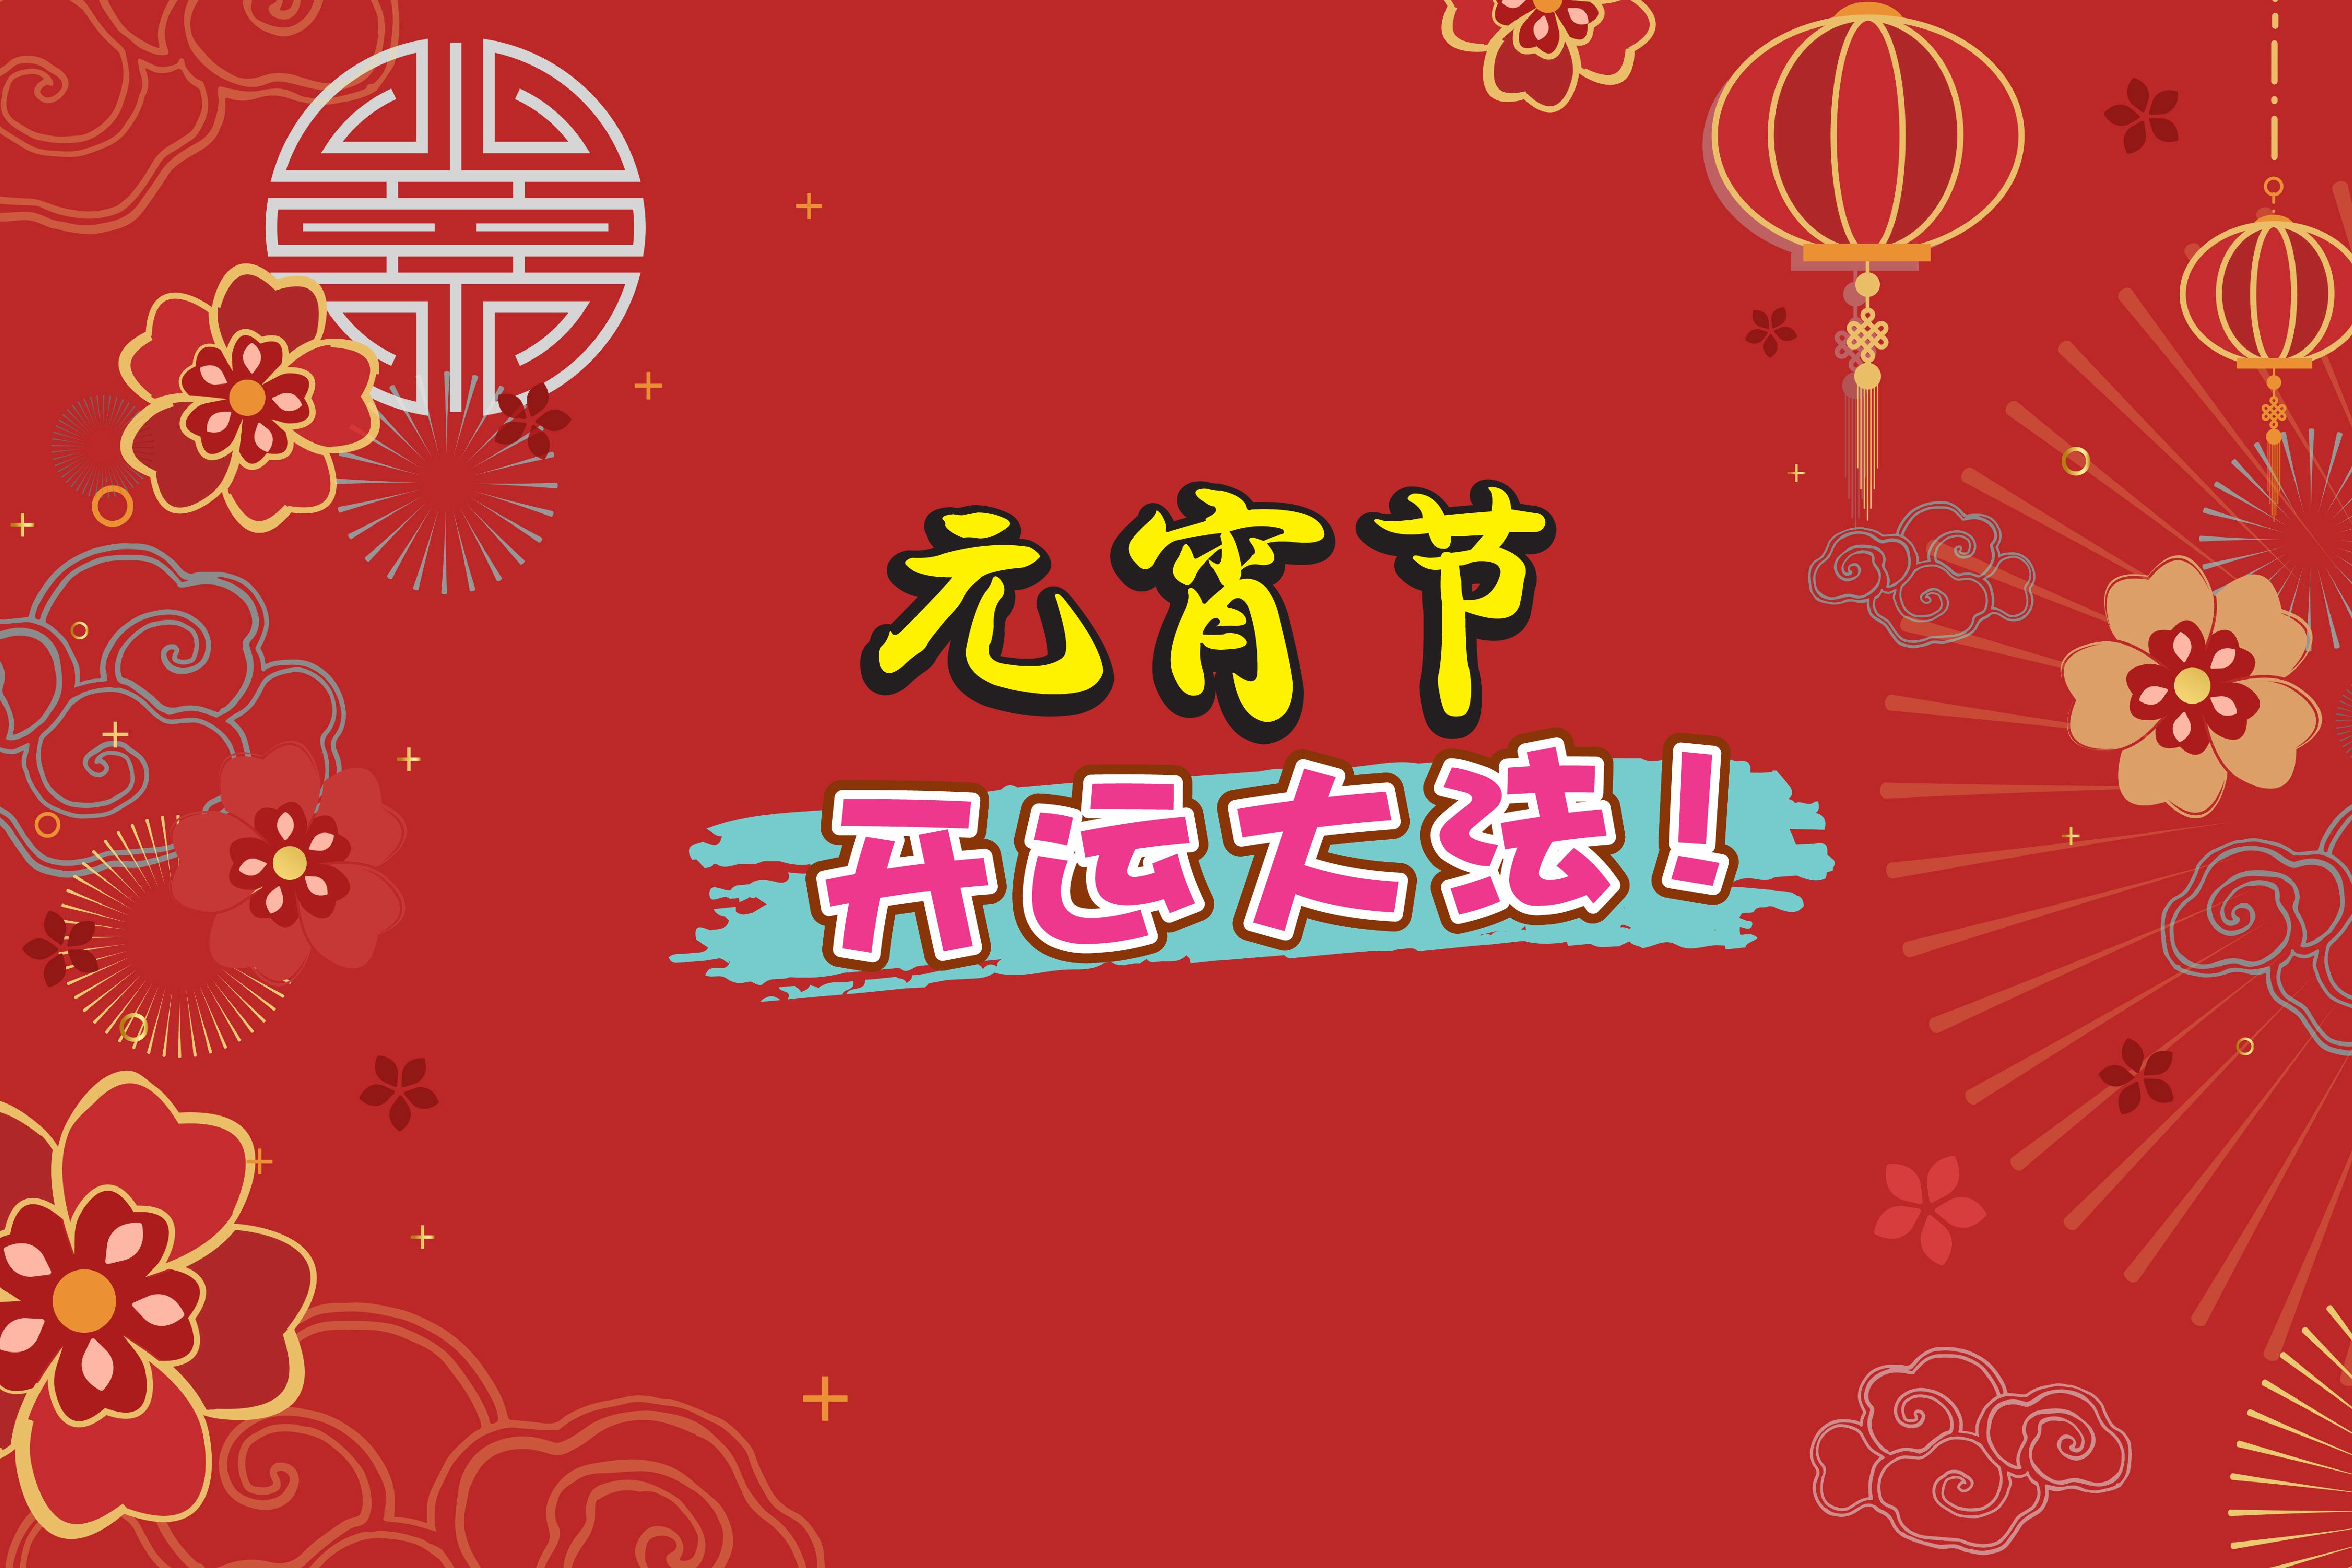 农历正月十五的元宵节落在2月26日(星期五)。-精彩大马制图-